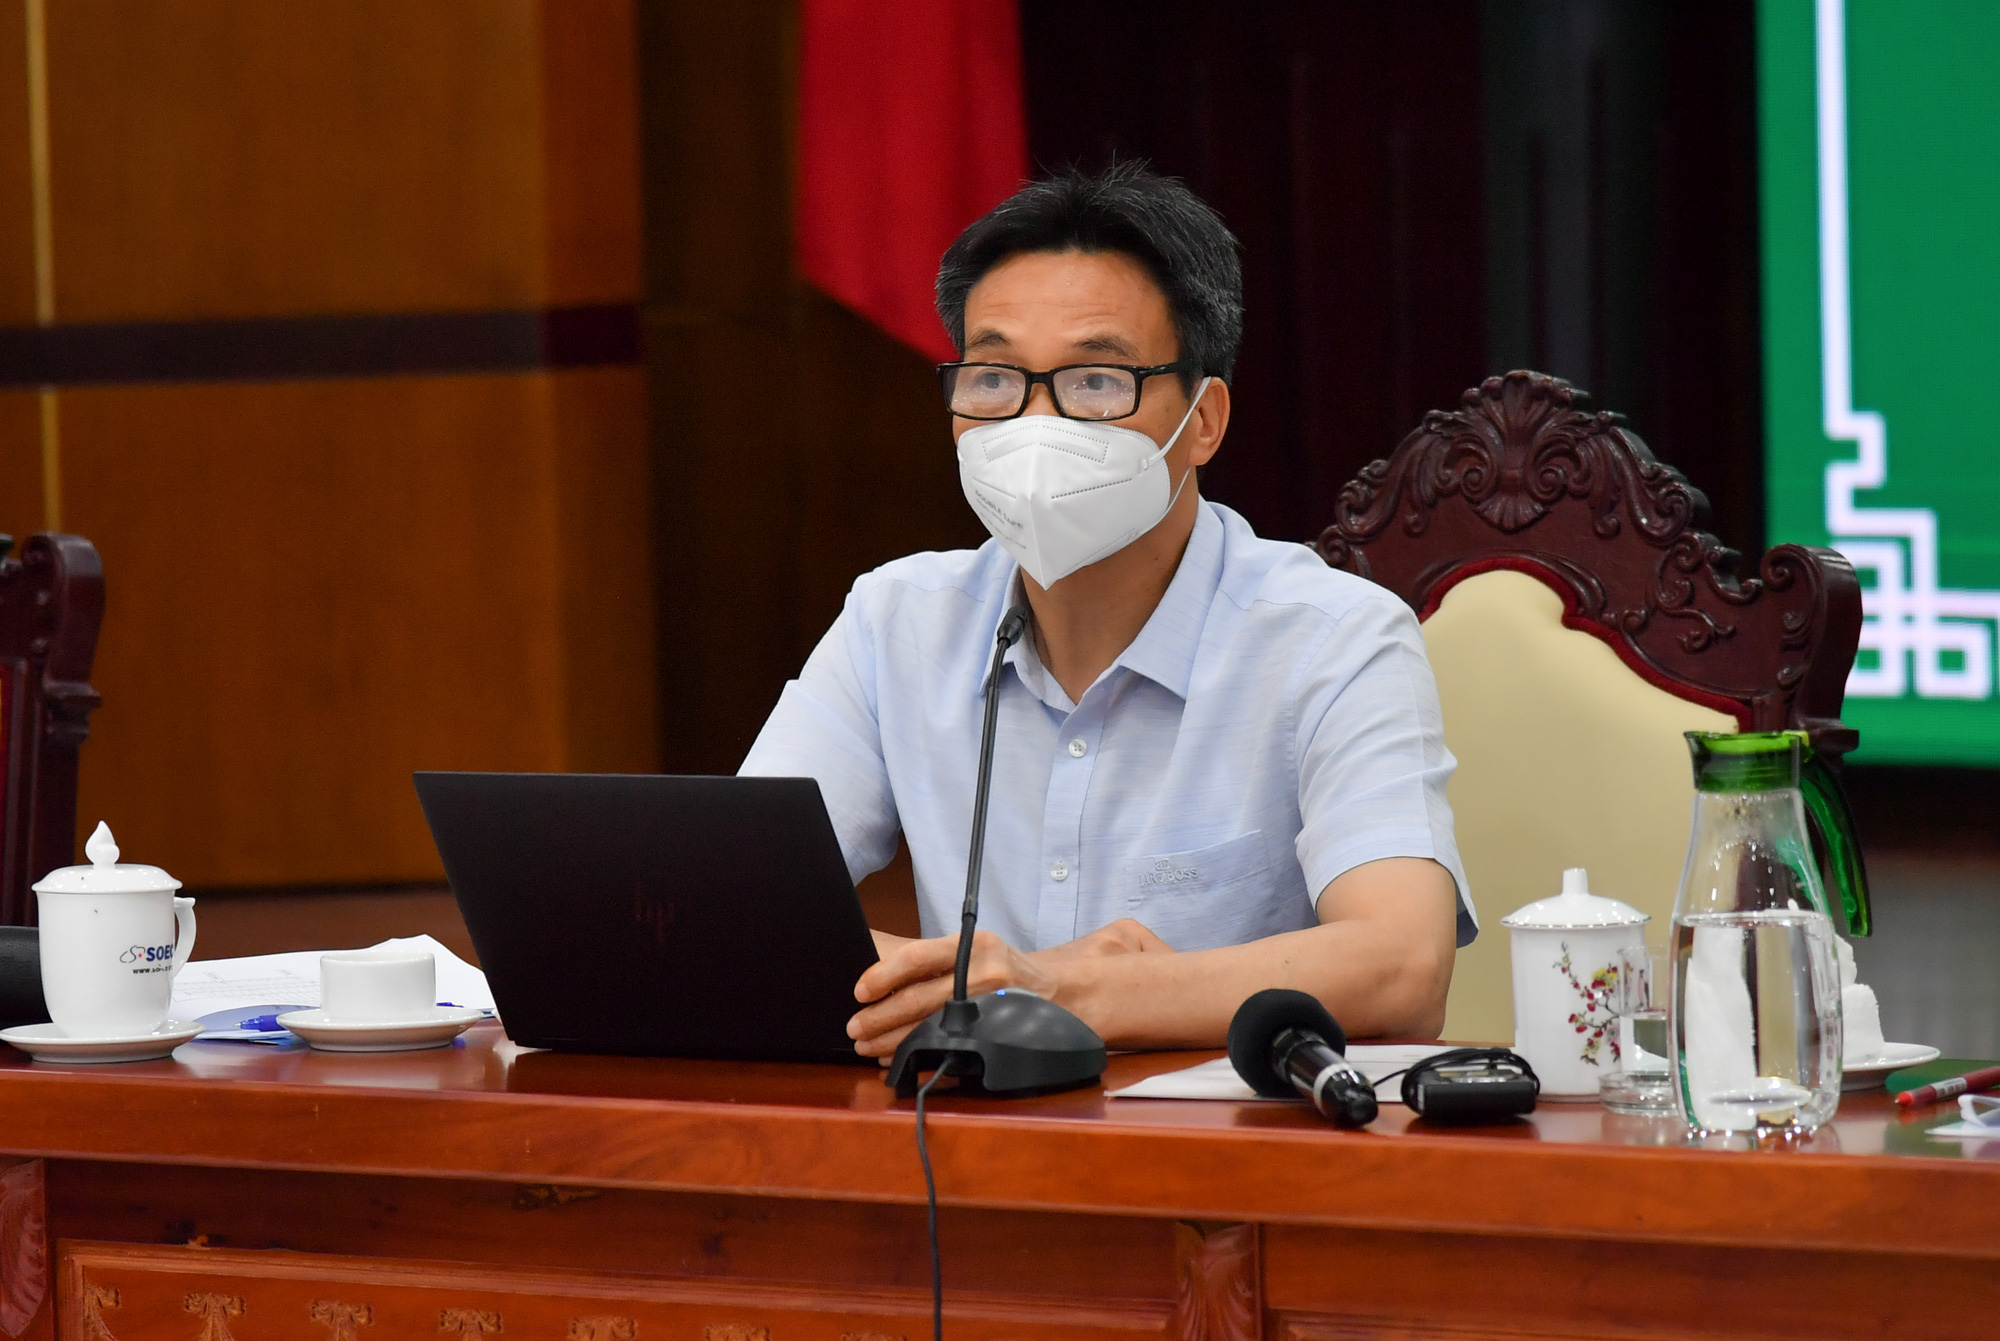 Phó Thủ tướng Vũ Đức Đam: Kiên Giang cần làm hết vùng đỏ nhanh nhất có thể - Ảnh 2.